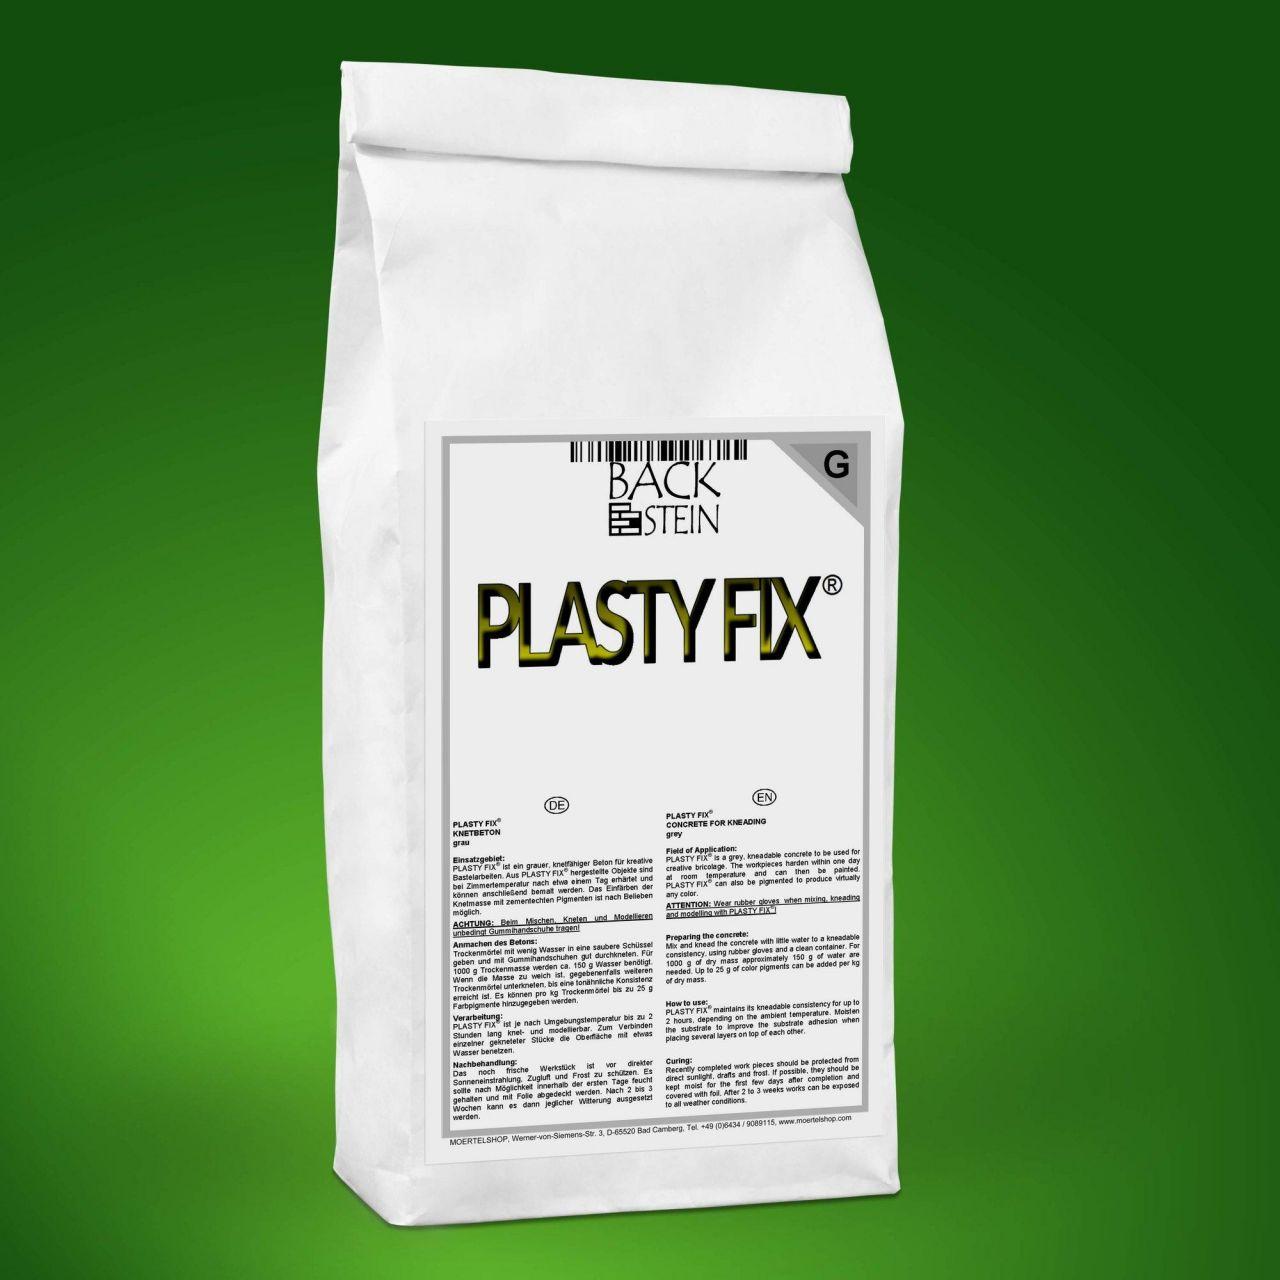 PLASTY FIX Knetbeton grau - Auswahl: 25kg